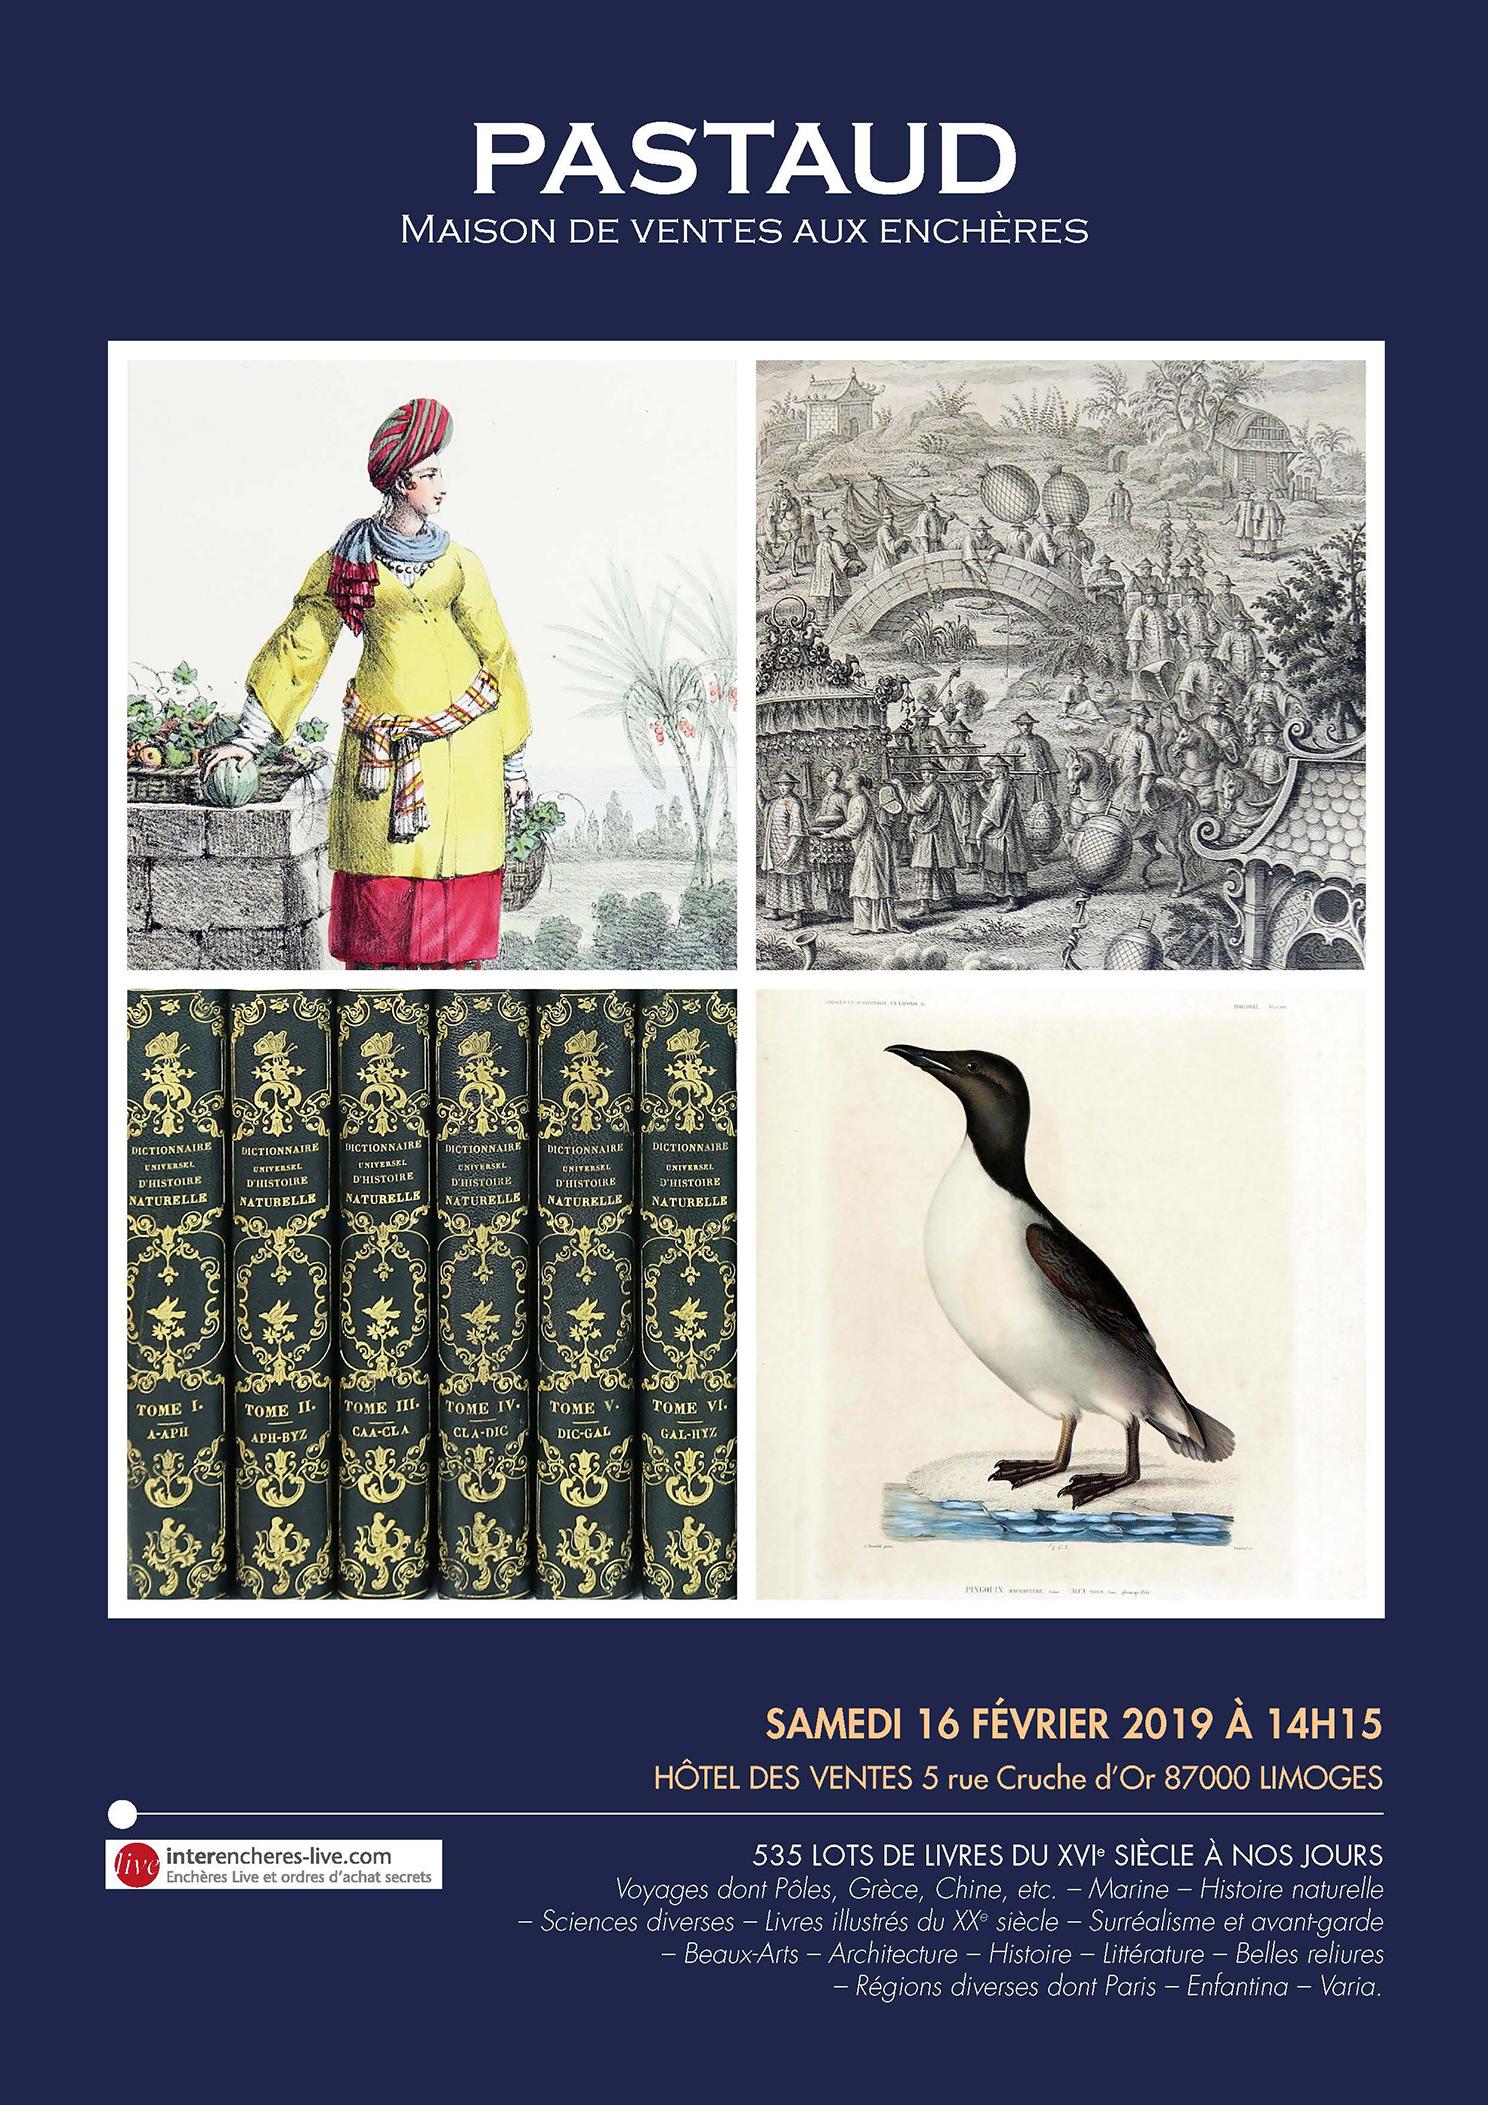 Vente 535 lots de Livres du XVIe siècle à nos jours chez PASTAUD Maison de Ventes aux Enchères : 533 lots